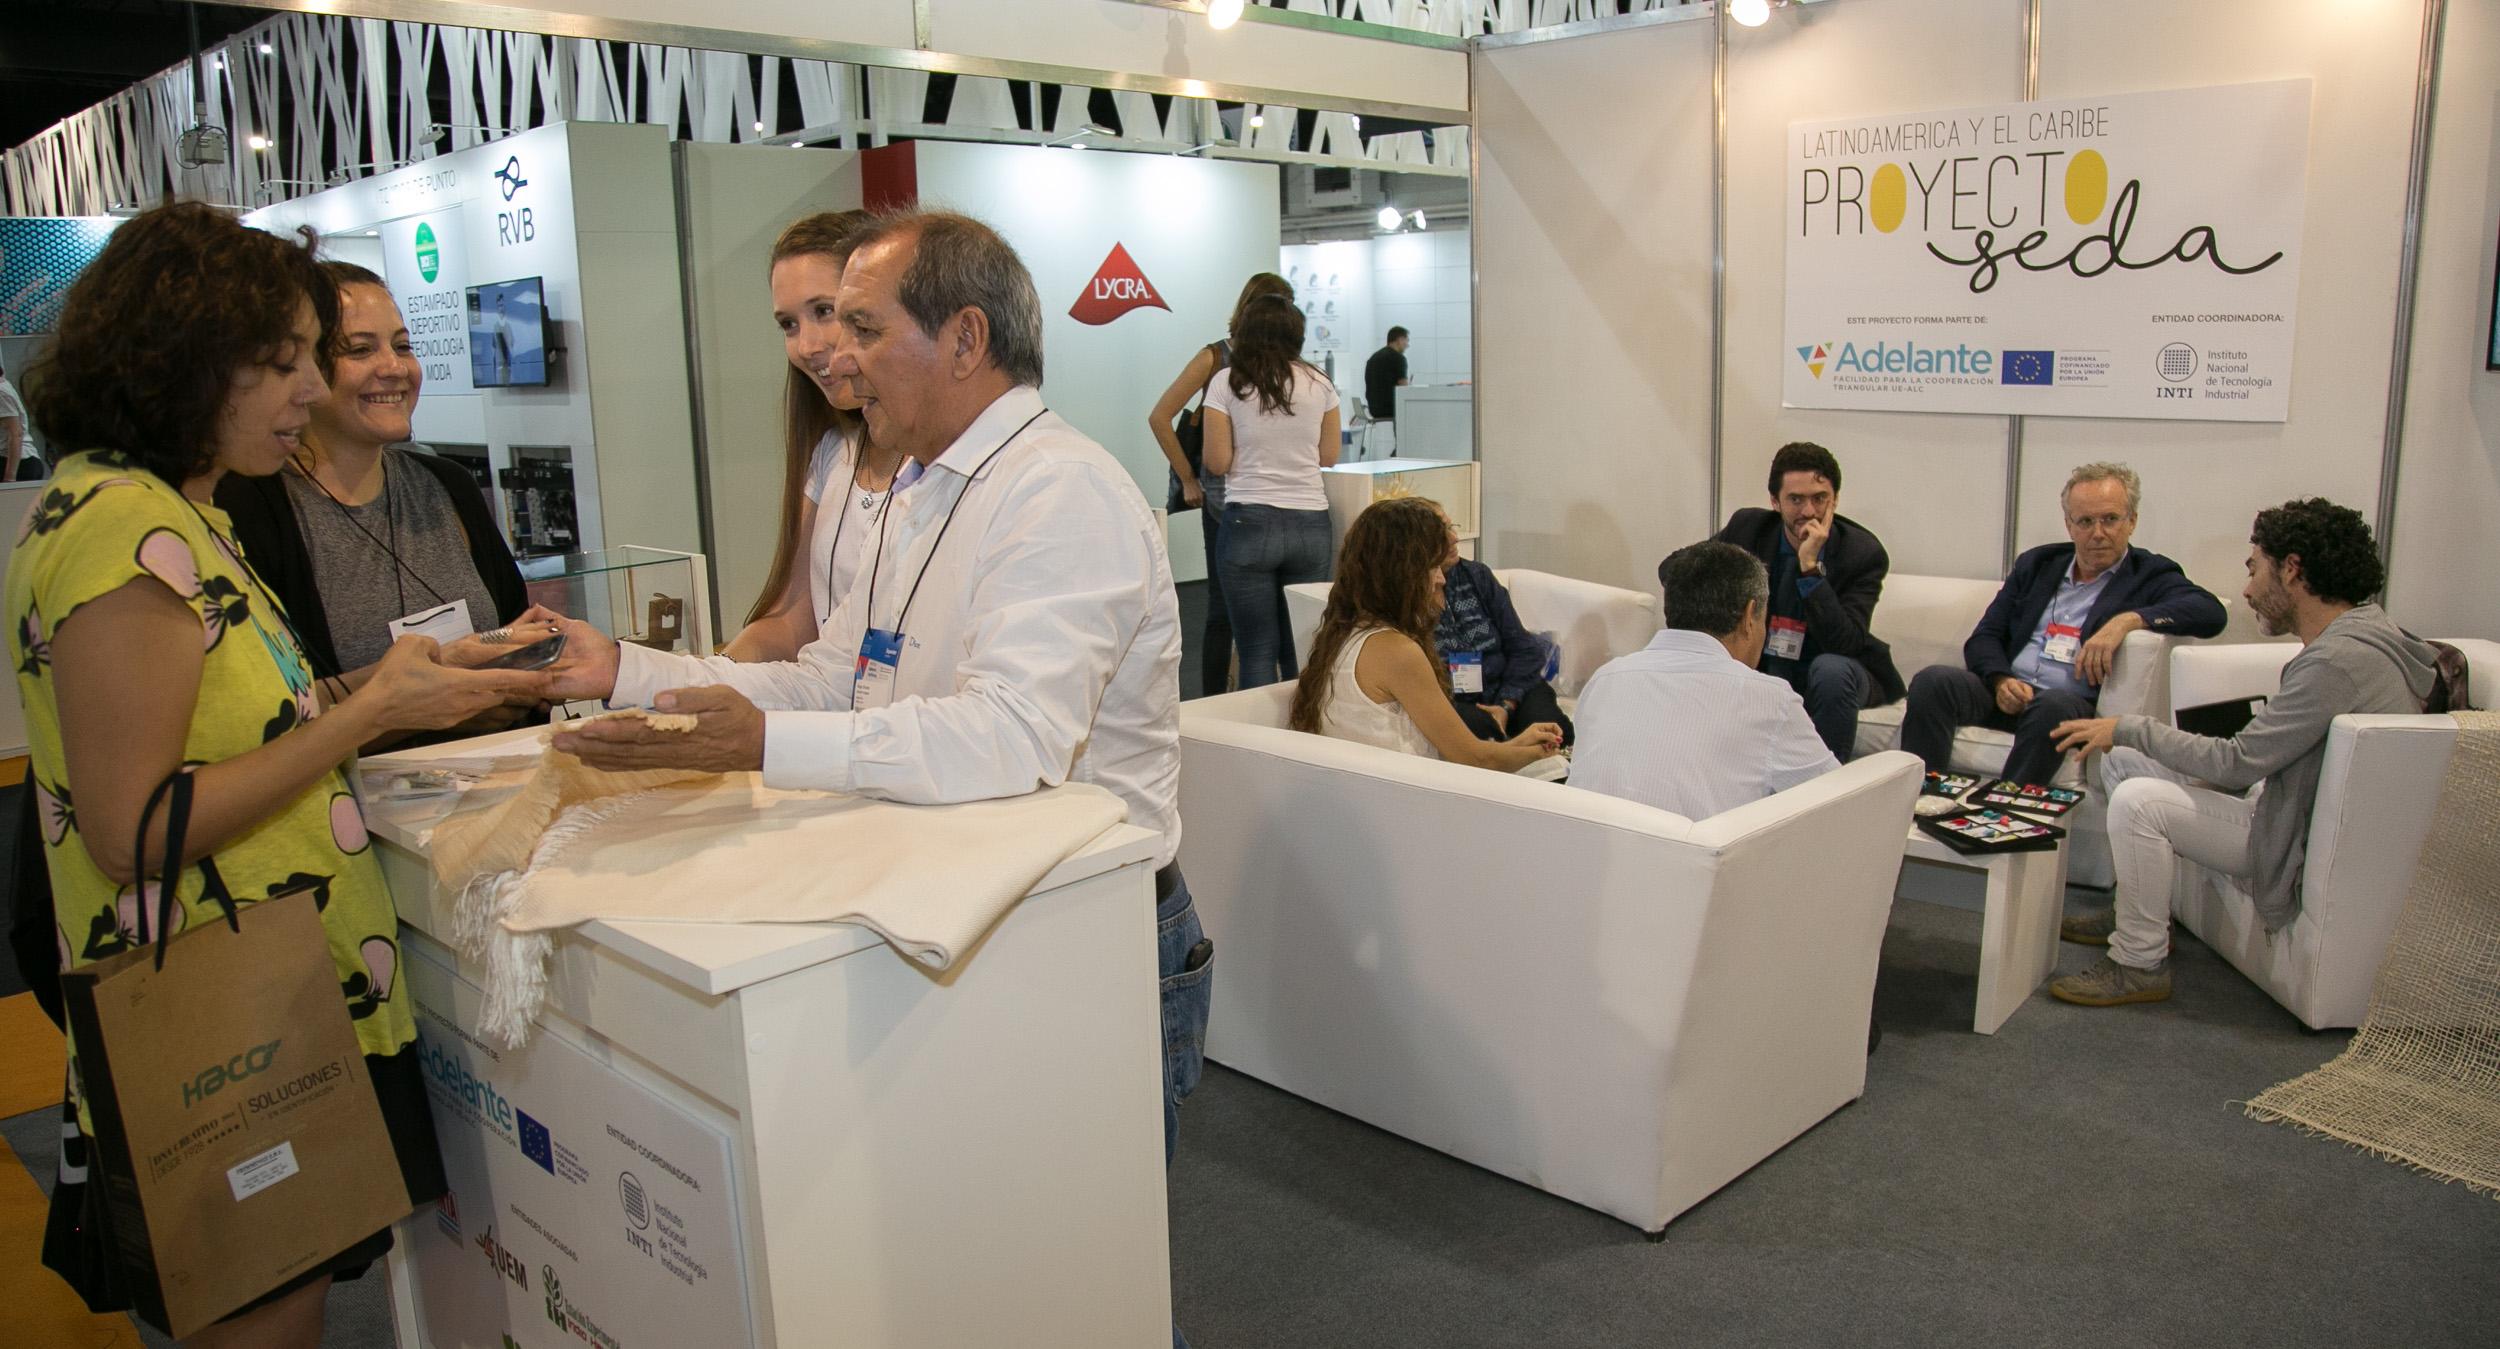 Emprendedores y profesionales intercambiaron conocimientos y establecieron redes de trabajo.